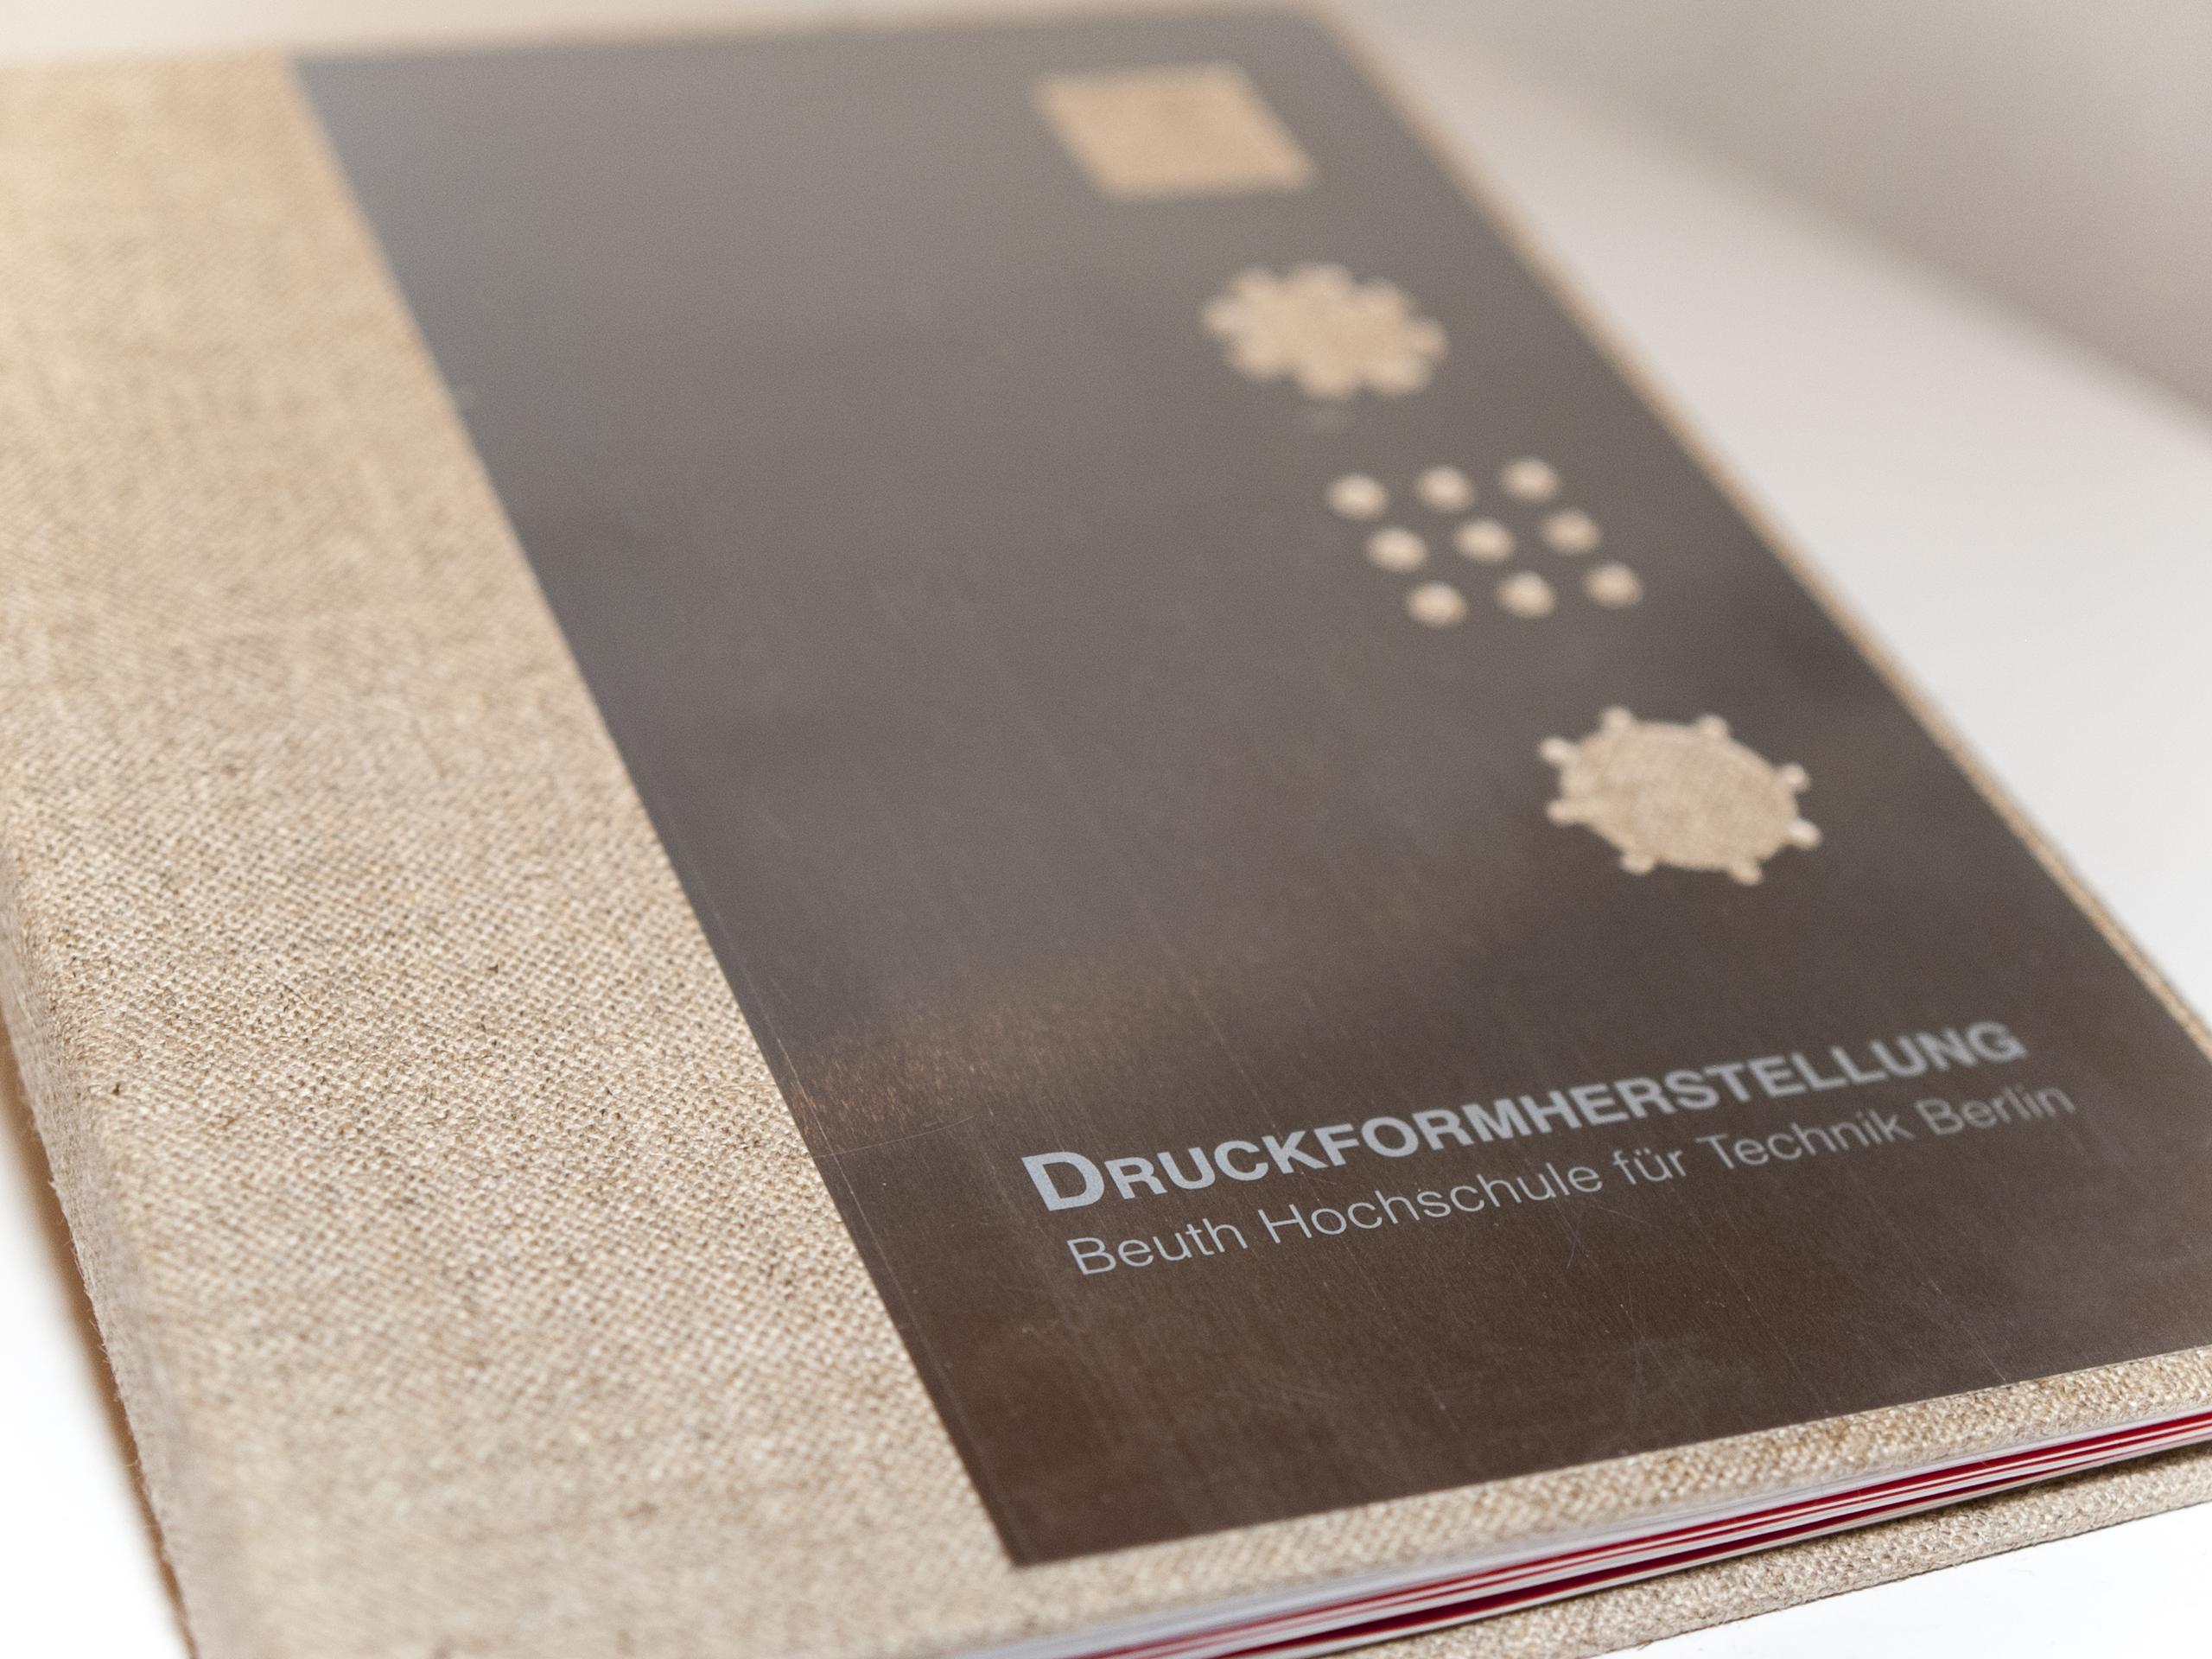 Broschur zum Thema Druckformherstellung